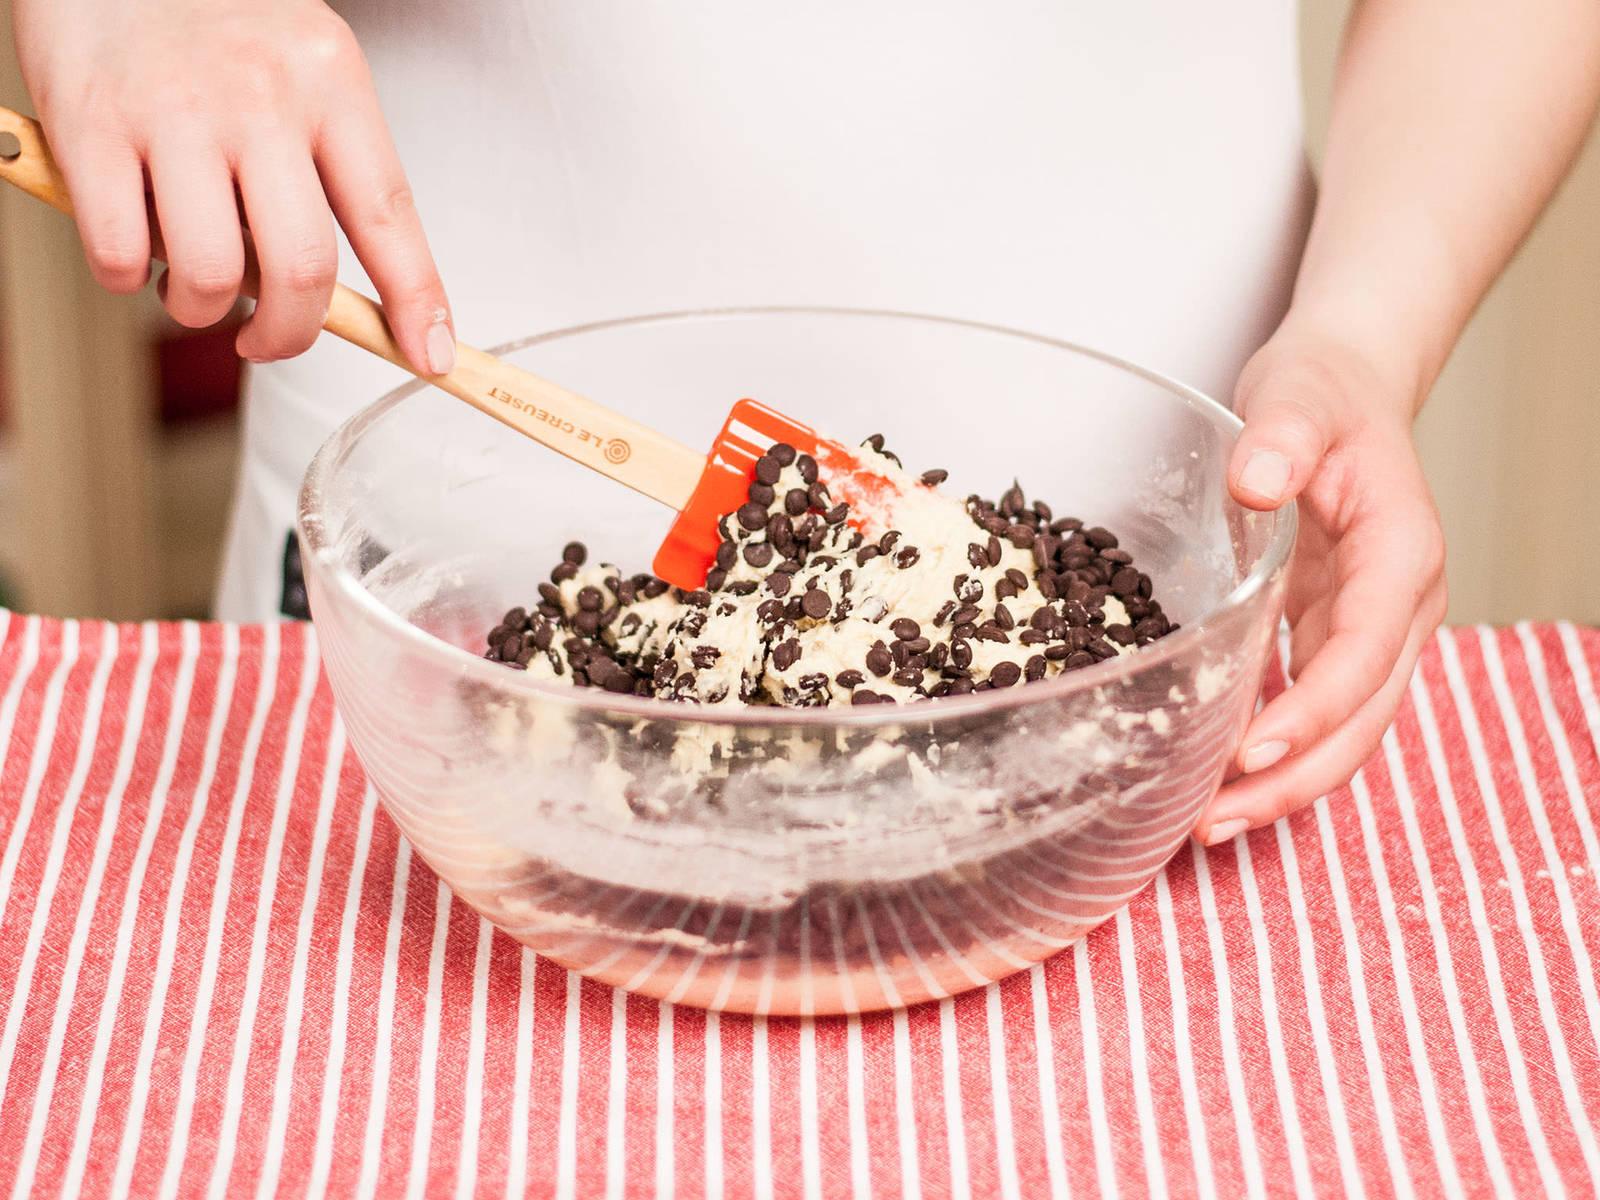 将面粉糊倒入黄油糊中,搅打均匀,拌入巧克力豆。